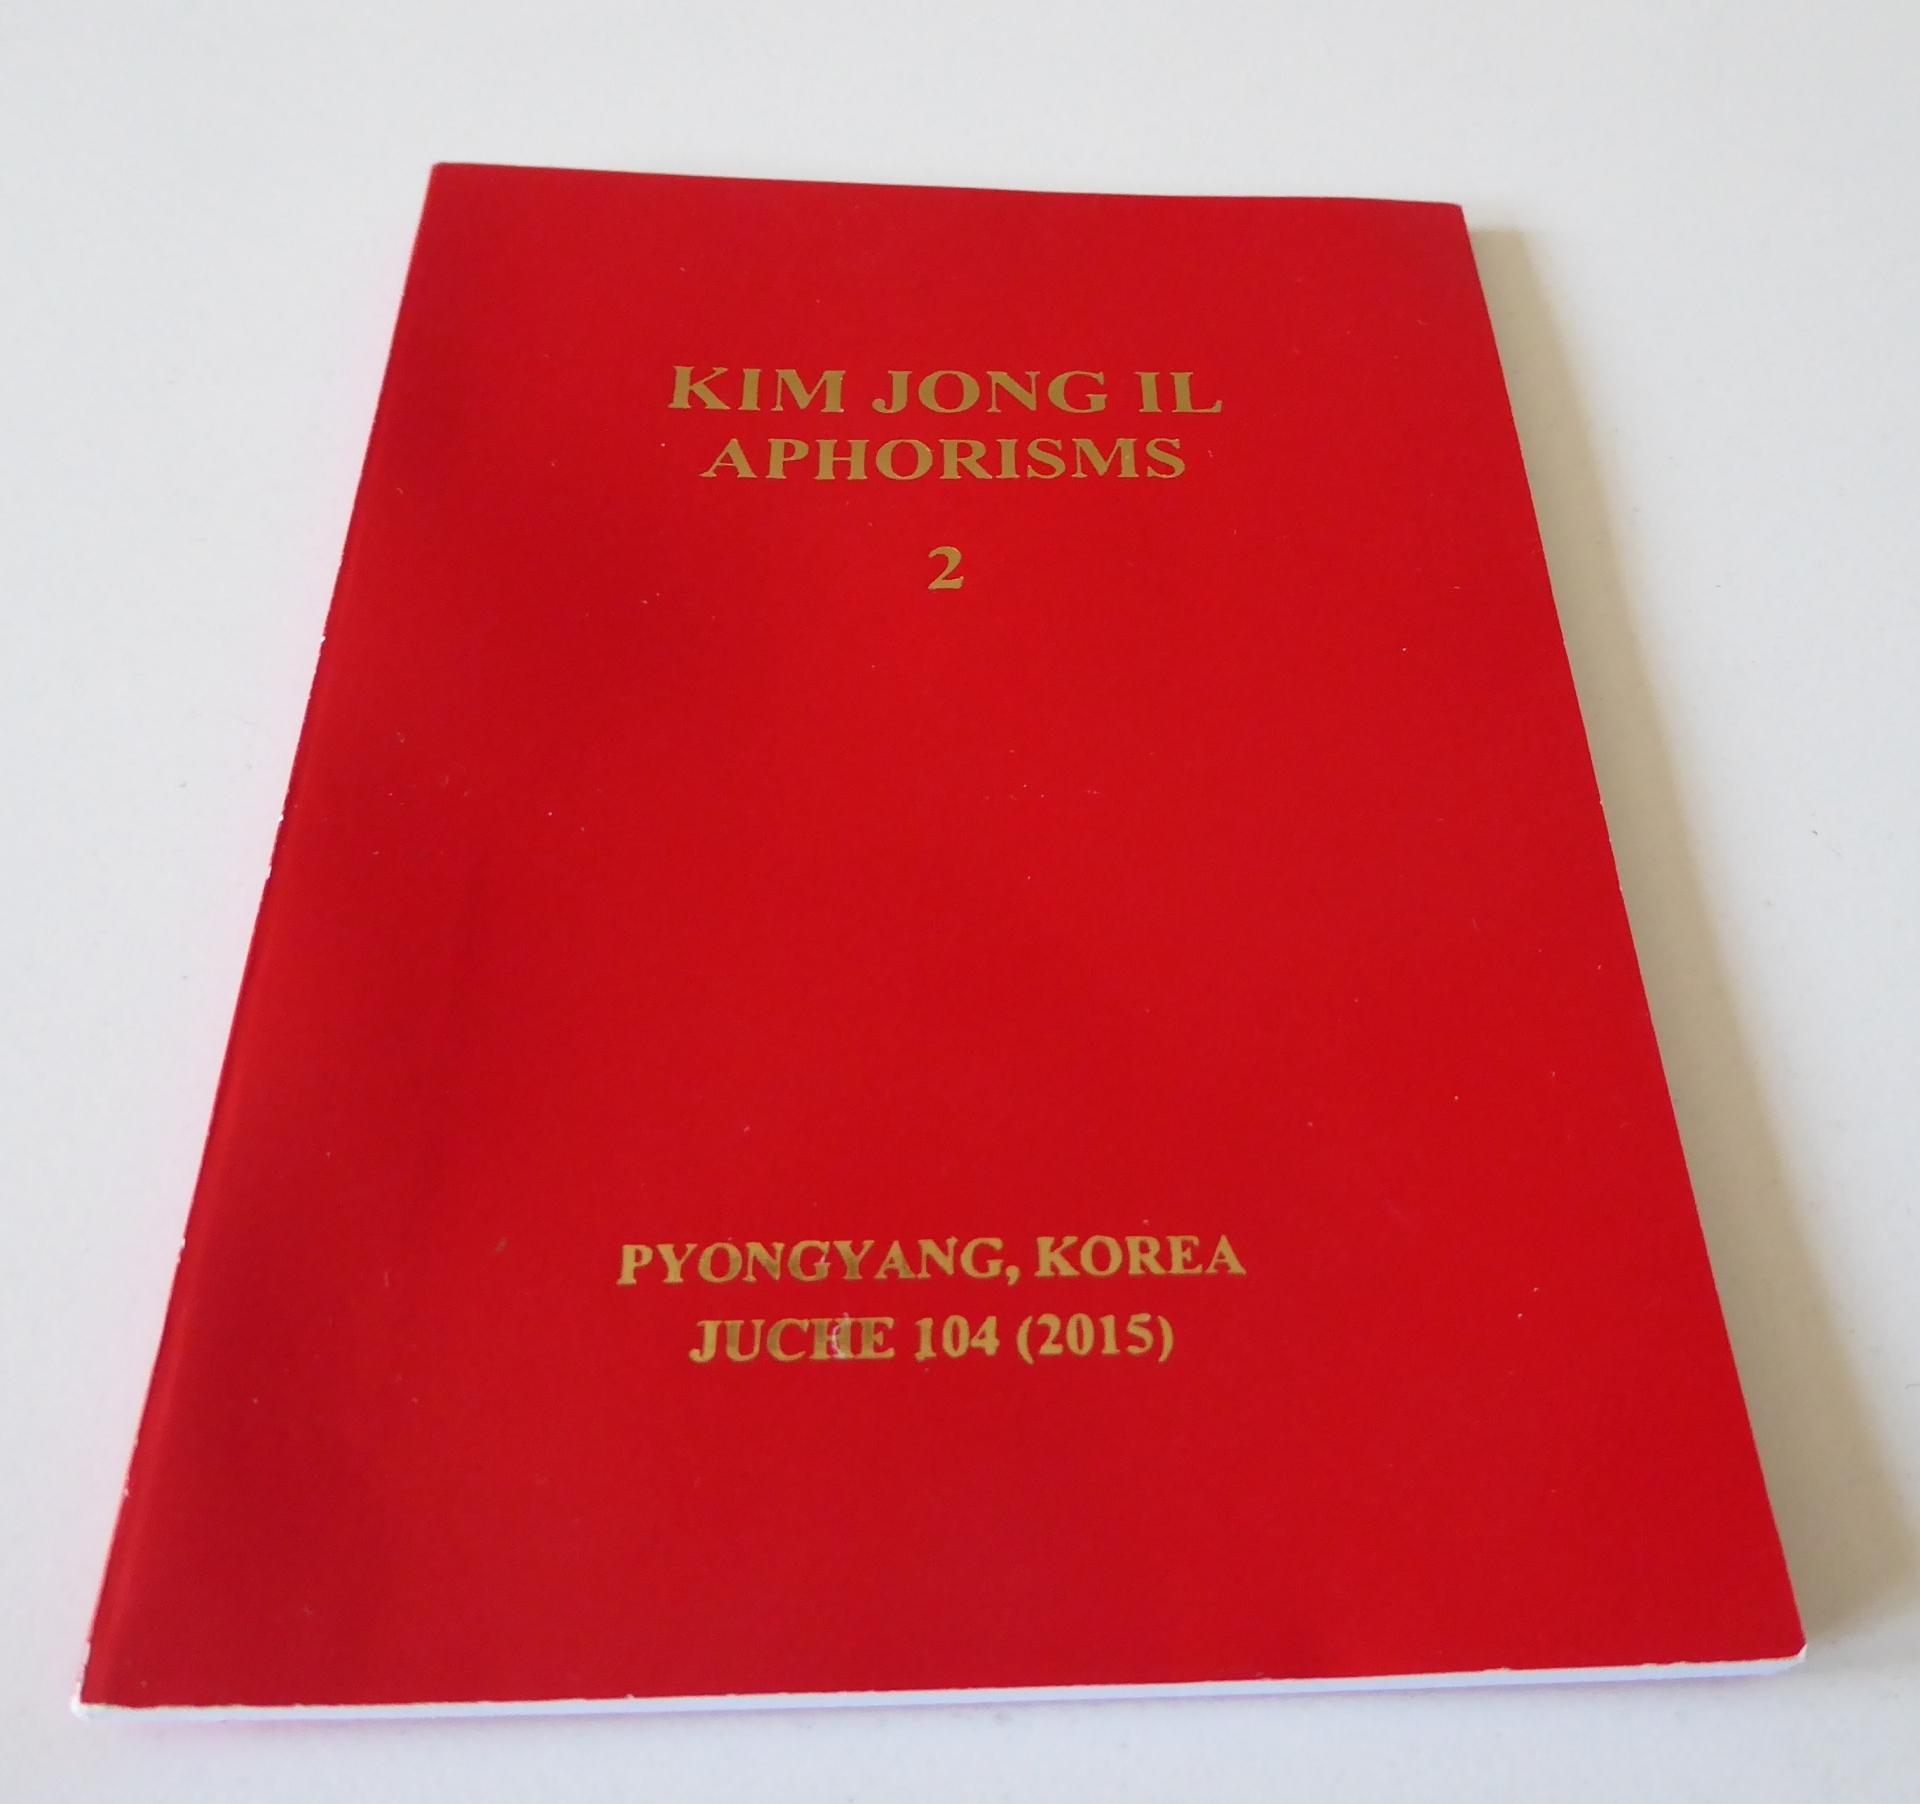 Kim Jong Il Aphorisms Quotes North korea dprk book souvenir souvenirs